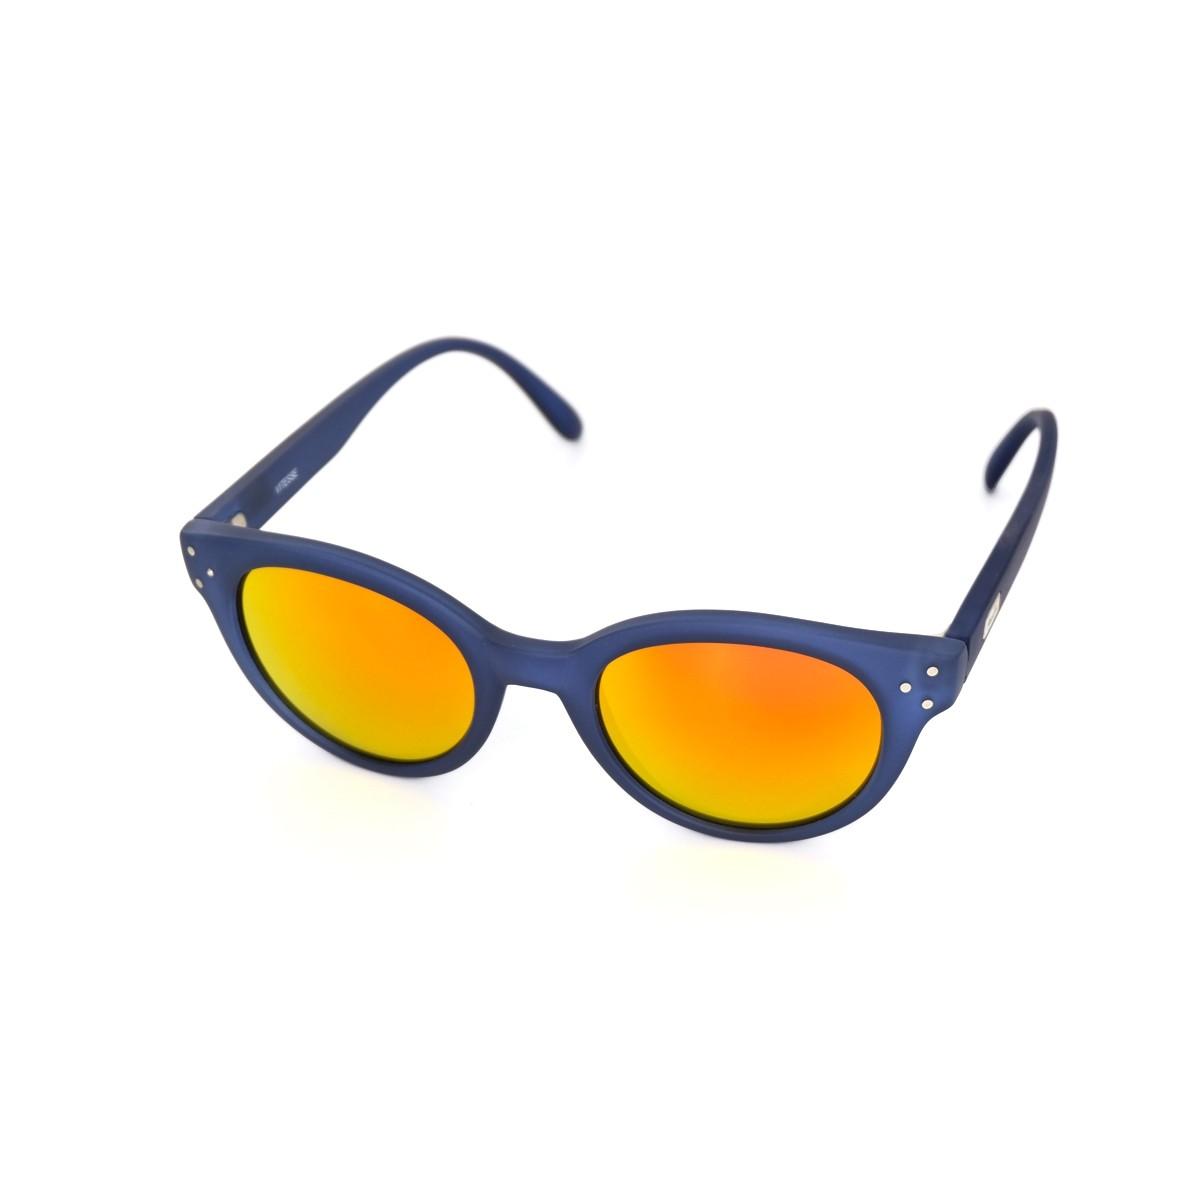 Spektre Vitesse blu satinato arancio specchio, 72,00€, Occhiali Spektre Blu a forma Rotondo